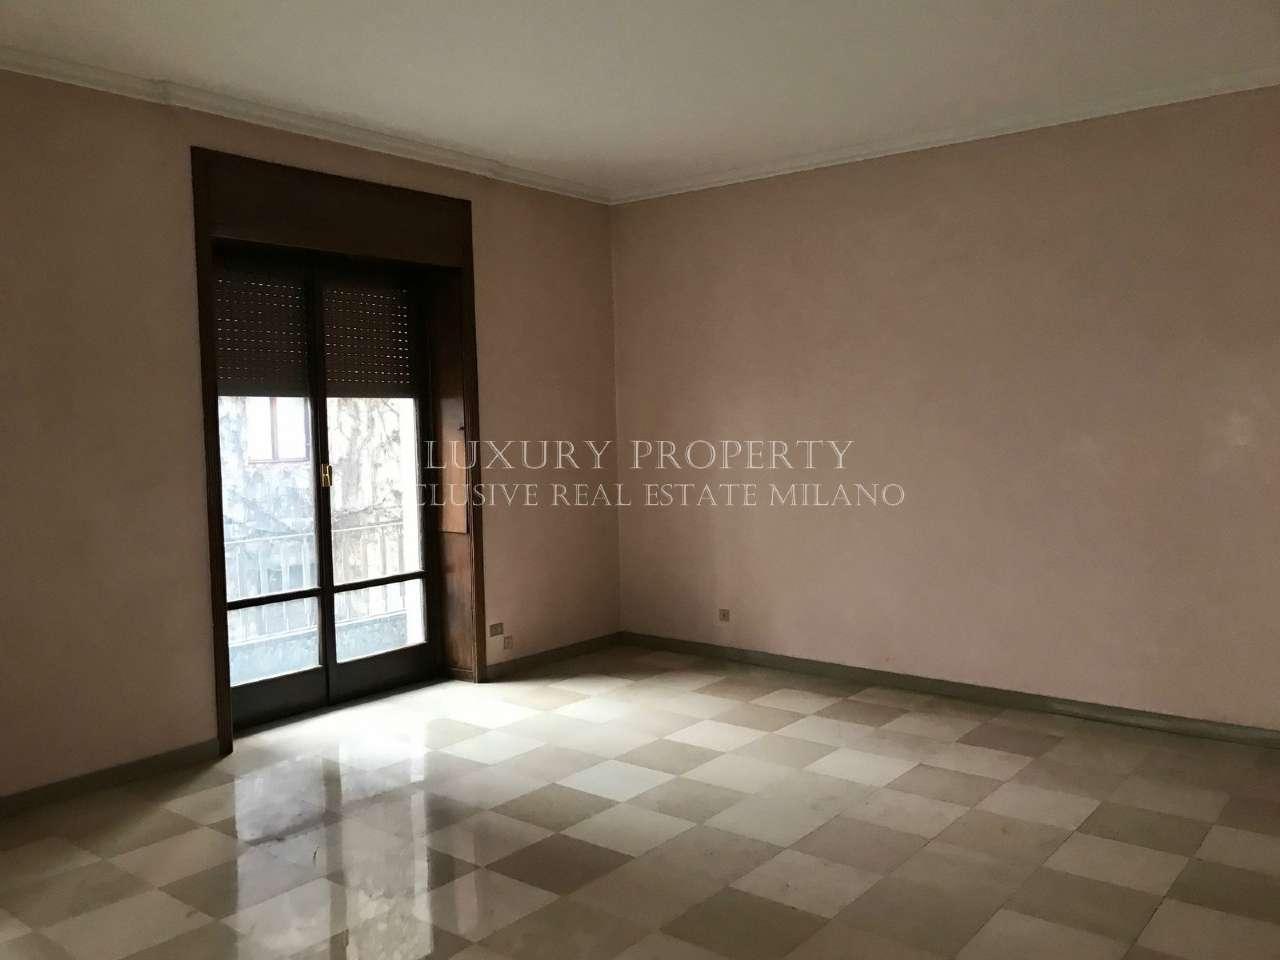 Appartamento in Vendita a Milano: 4 locali, 170 mq - Foto 7